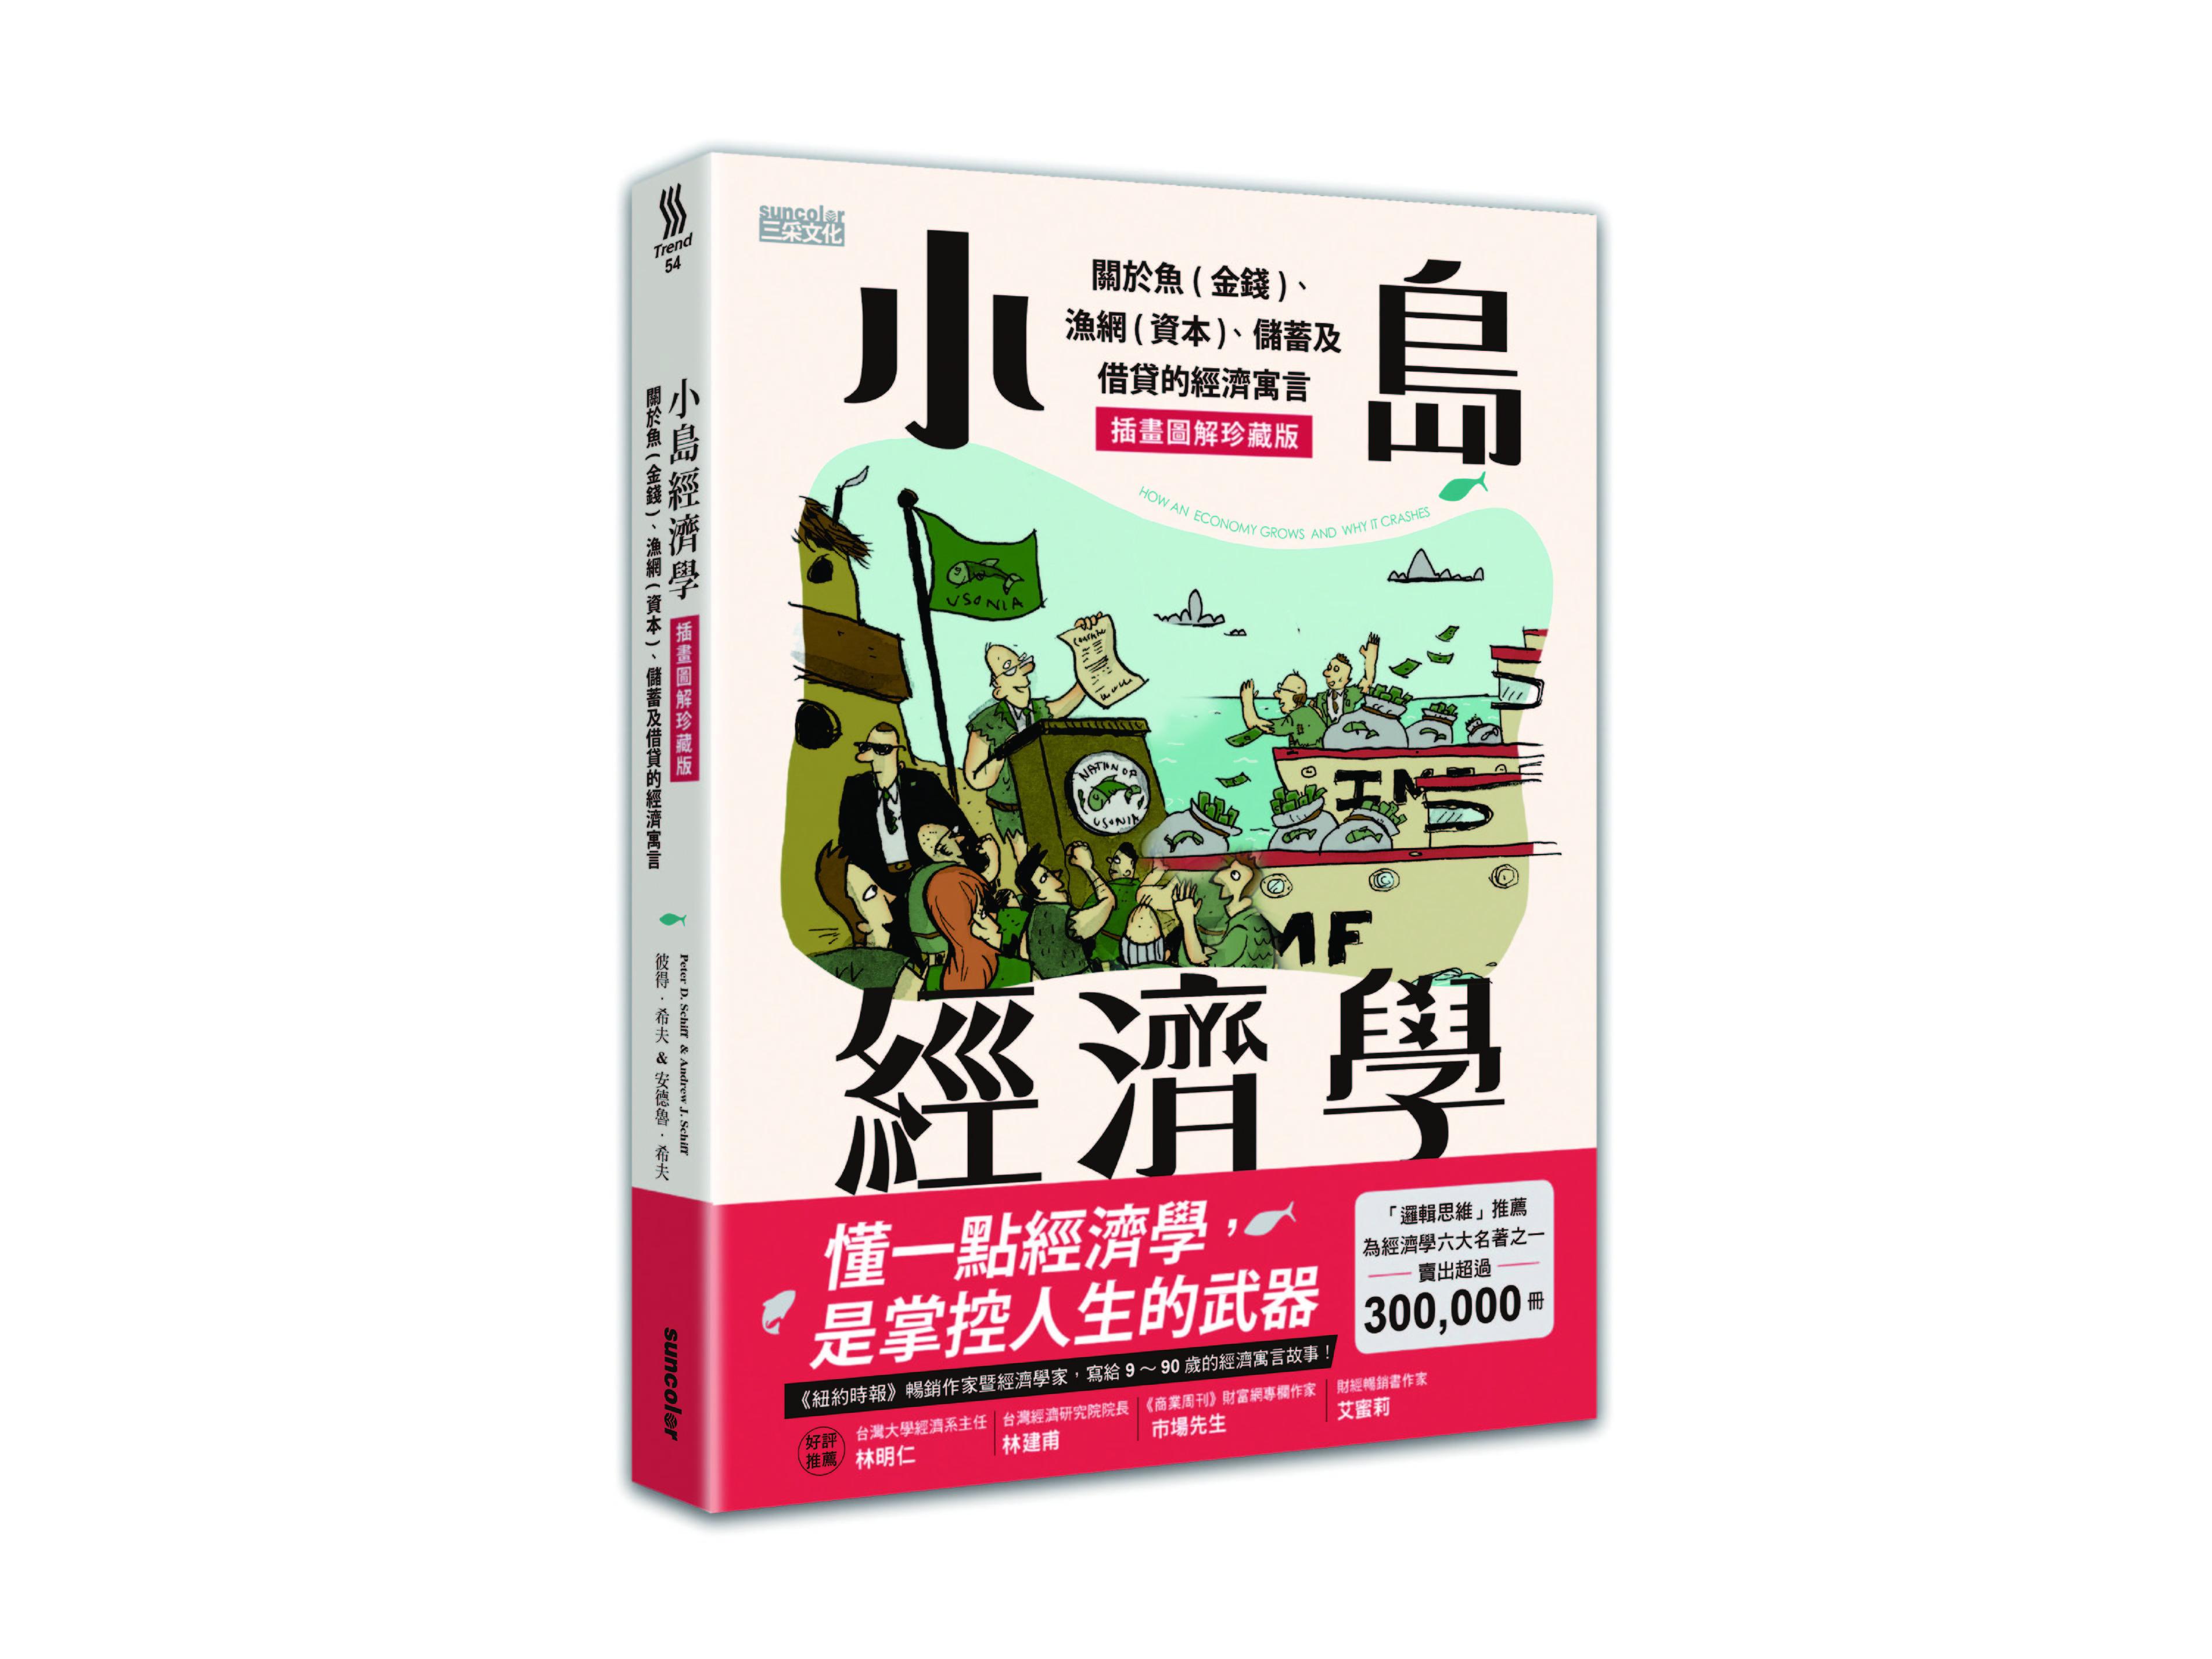 新書搶先看》小島經濟學:內需是讓經濟成長的引擎!